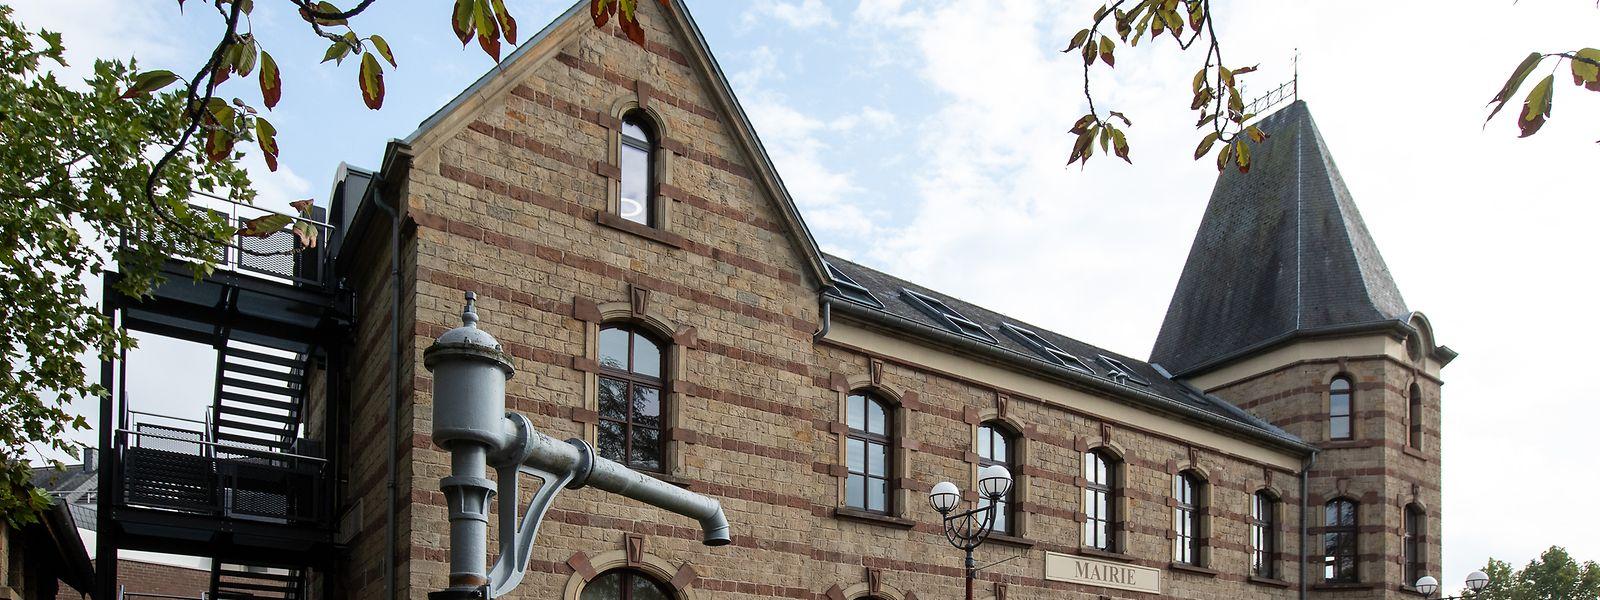 Neben dem Rathaus ist noch der Wasserkran erhalten, mit dem einst die Dampflokomotiven aufgetankt wurden.